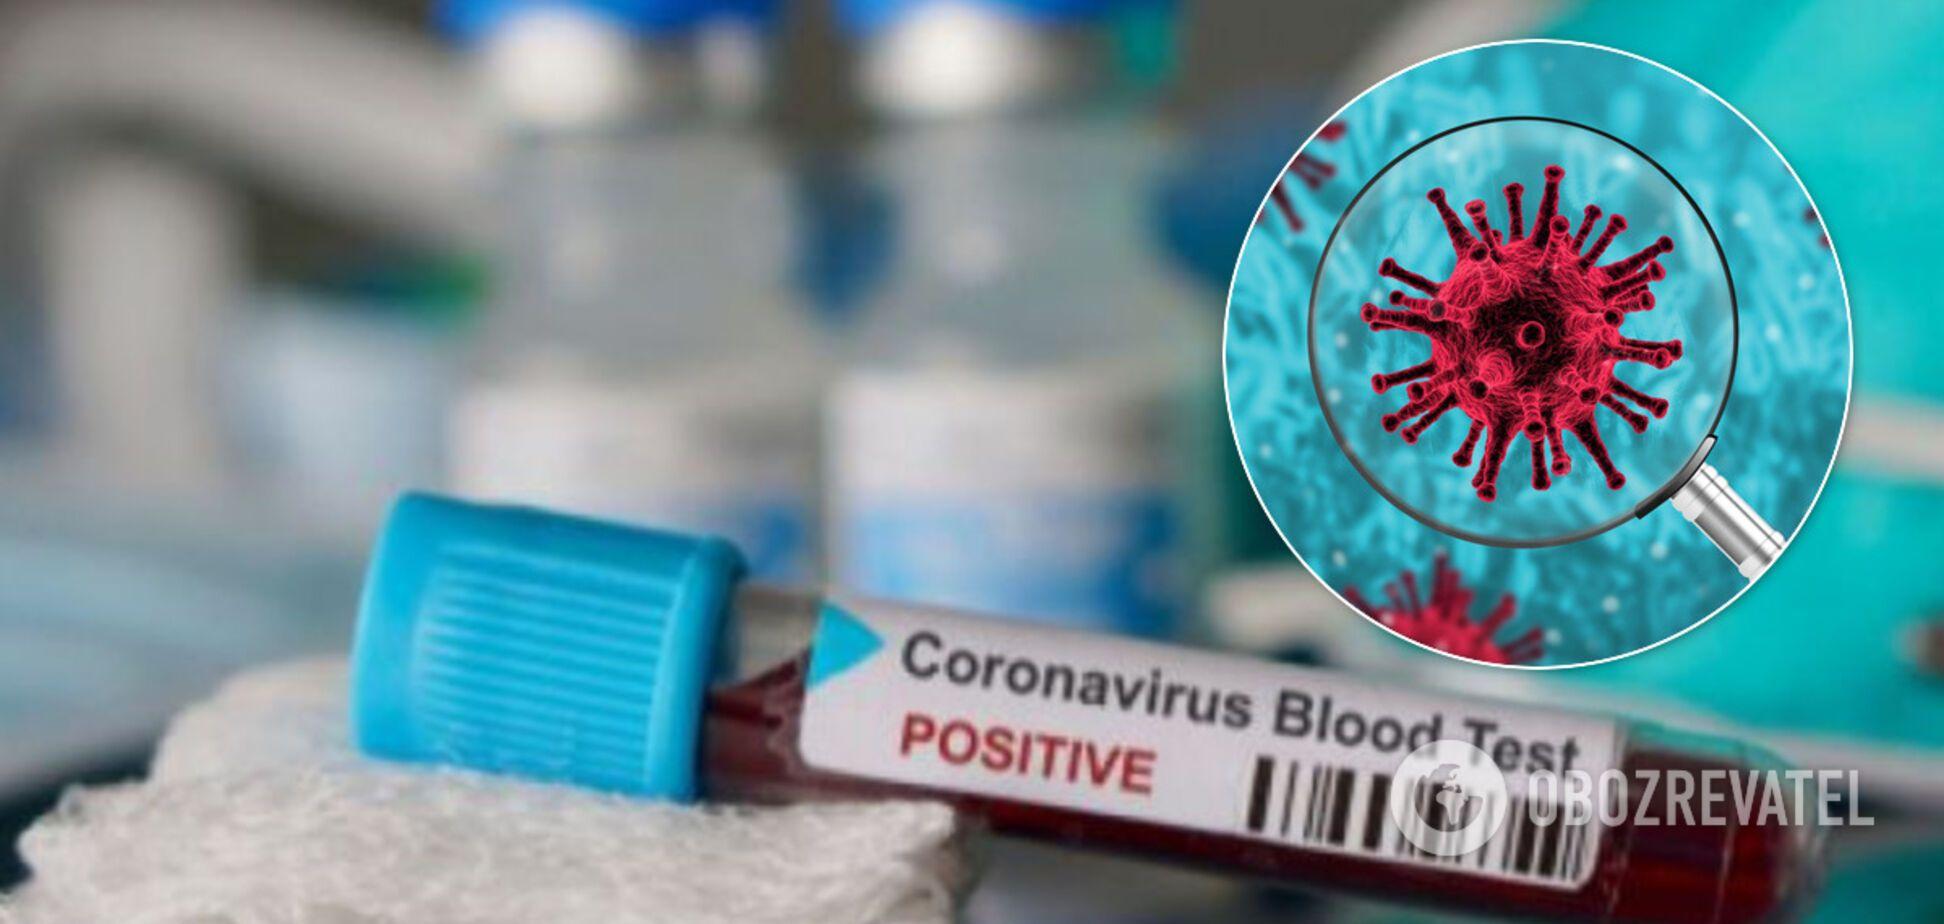 В крови больных нашли антитела, убивающие коронавирус